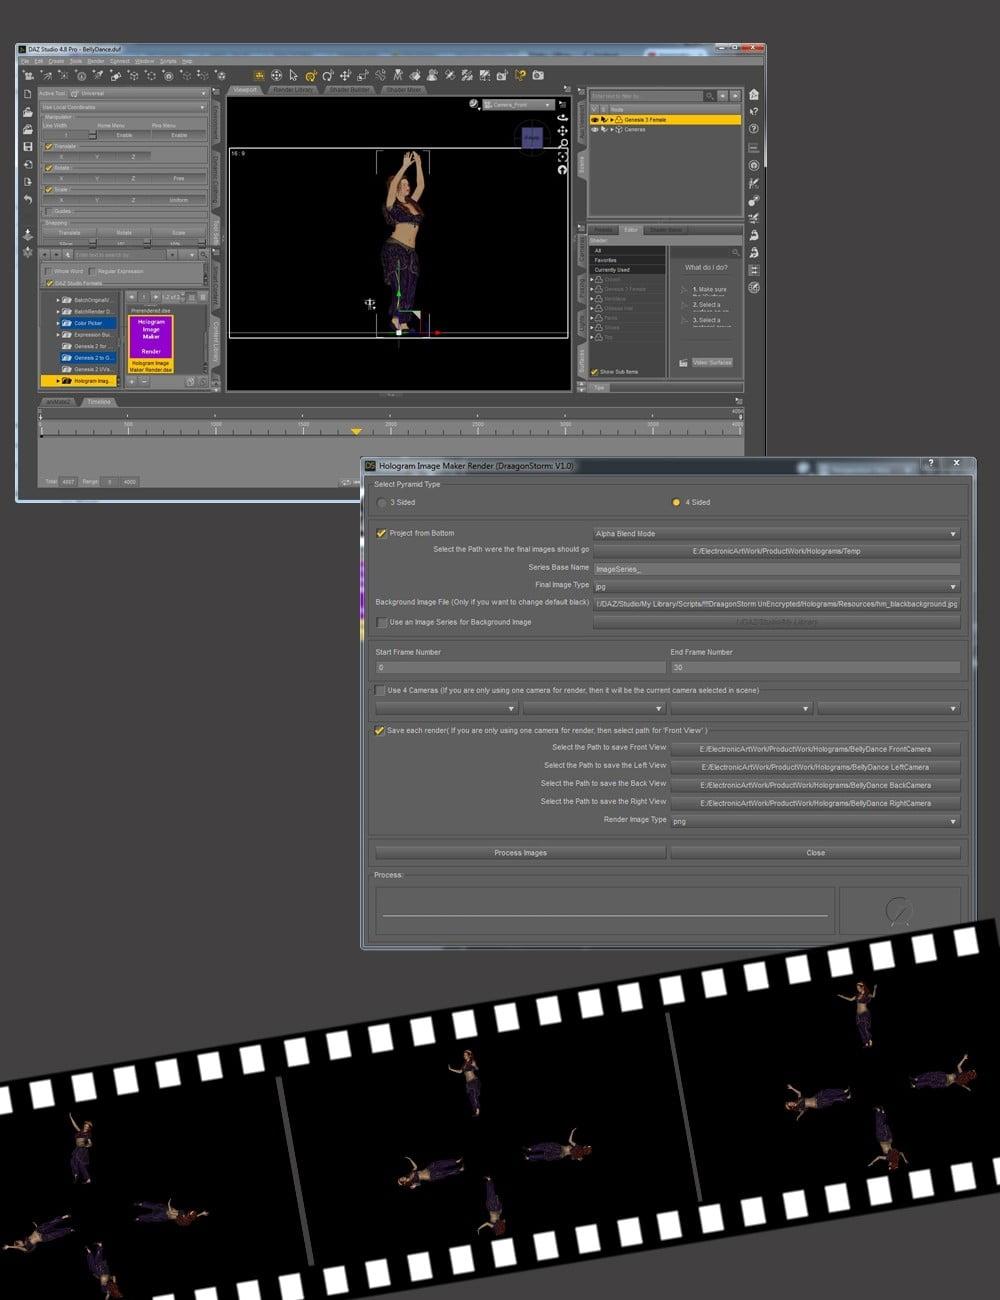 01-hologram-image-maker-for-daz-studio-daz3d